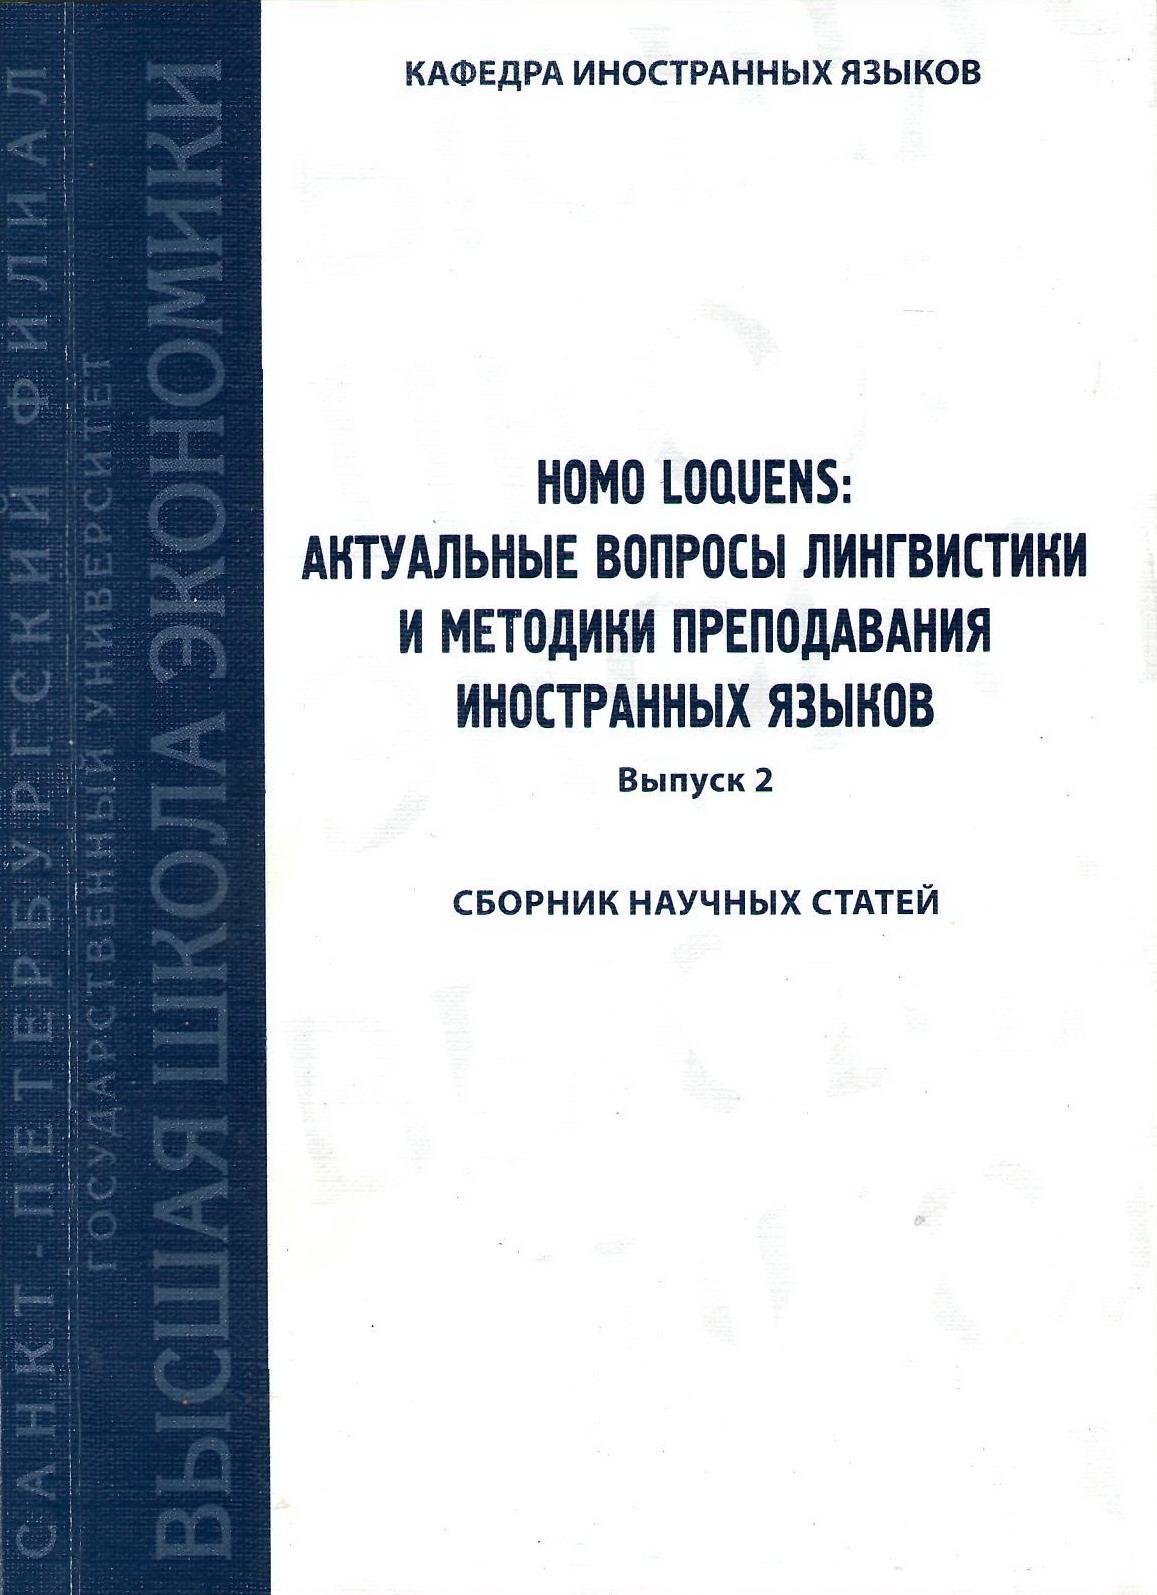 Homo Loquens: актуальные вопросы лингвистики и методики преподавания иностранных языков (2010)